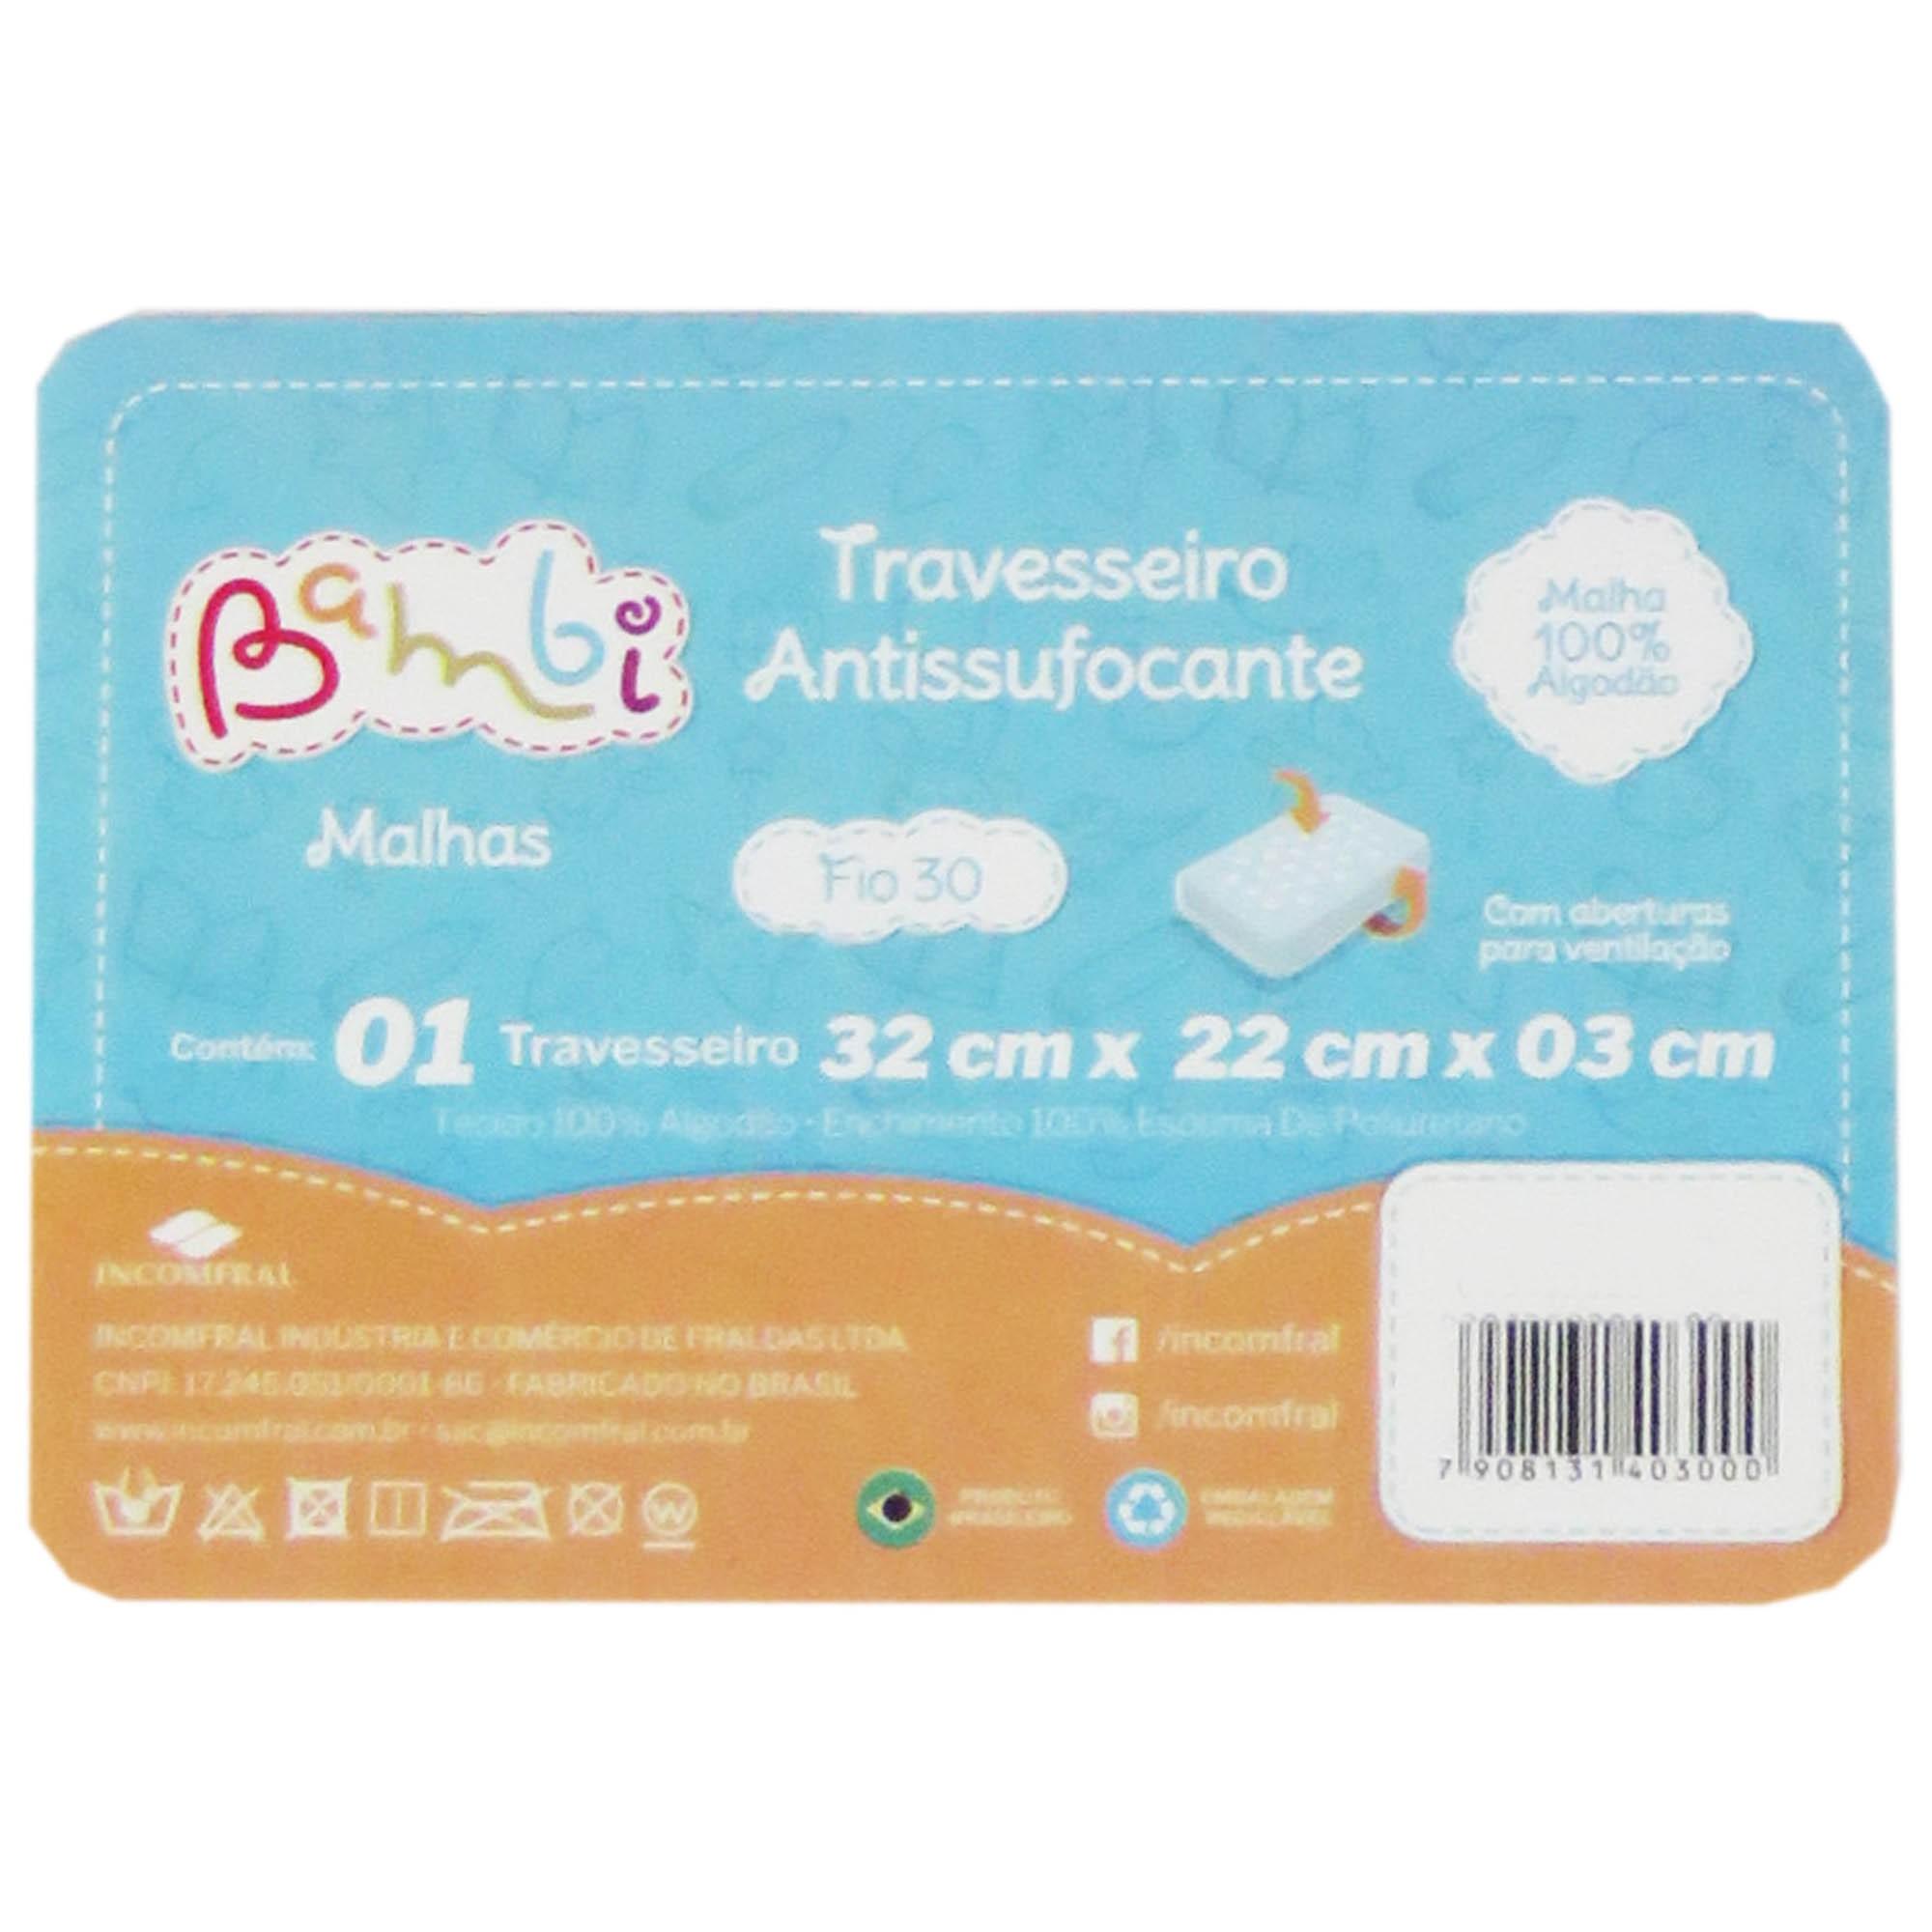 Travesseiro Antissufocante Incomfral Bambi - Estampado Ursinho - Azul Claro